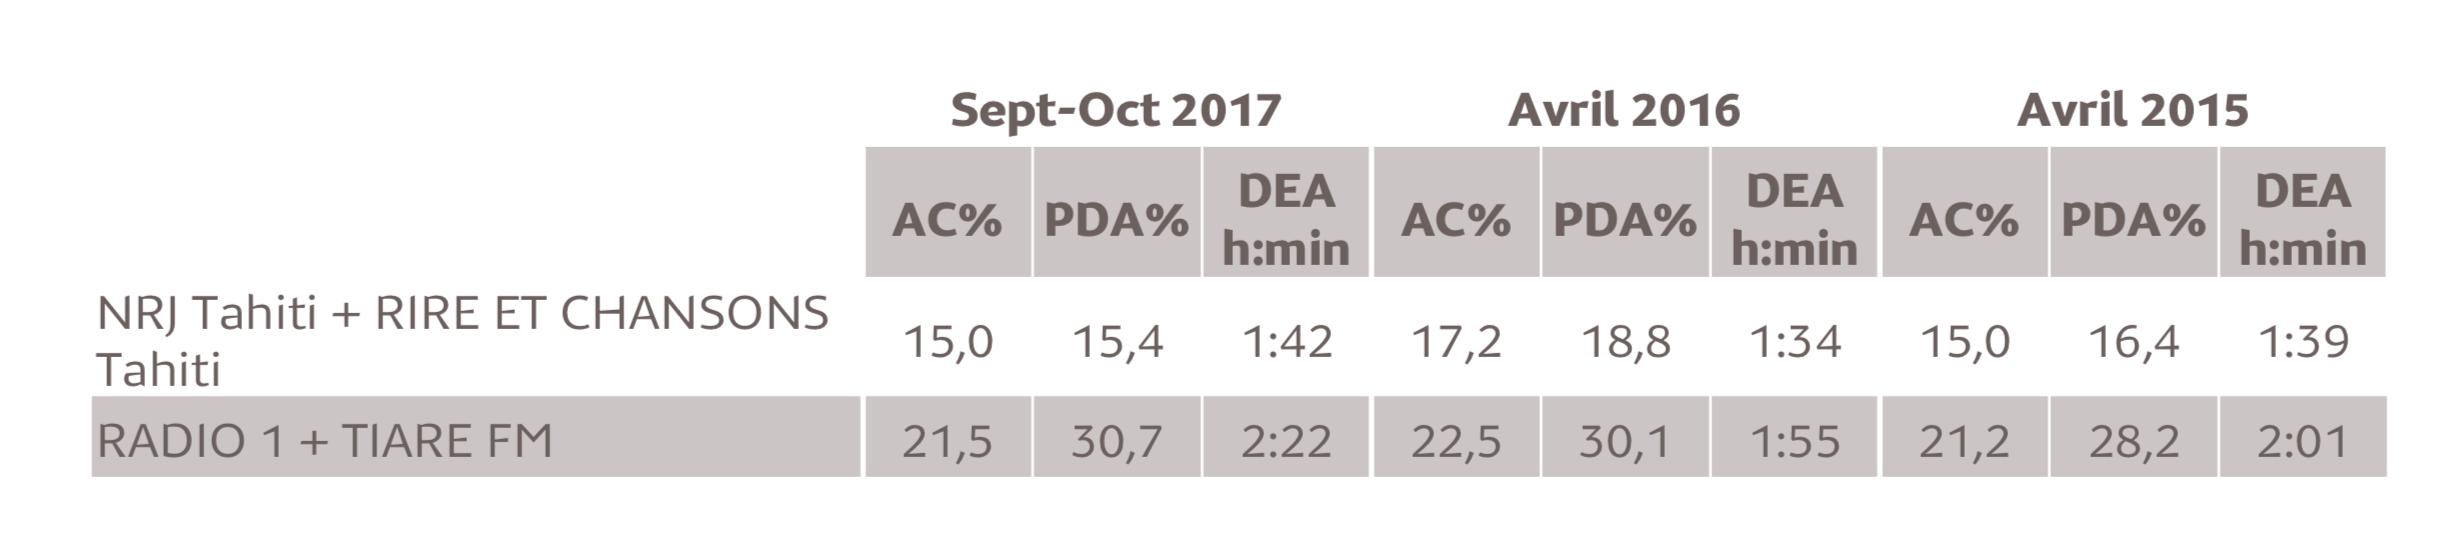 Source : Médiamétrie/Alvea - Etude ad hoc Polynésie française - Septembre-Octobre 2017 Copyright Médiamétrie/Alvea - Tous droits réservés